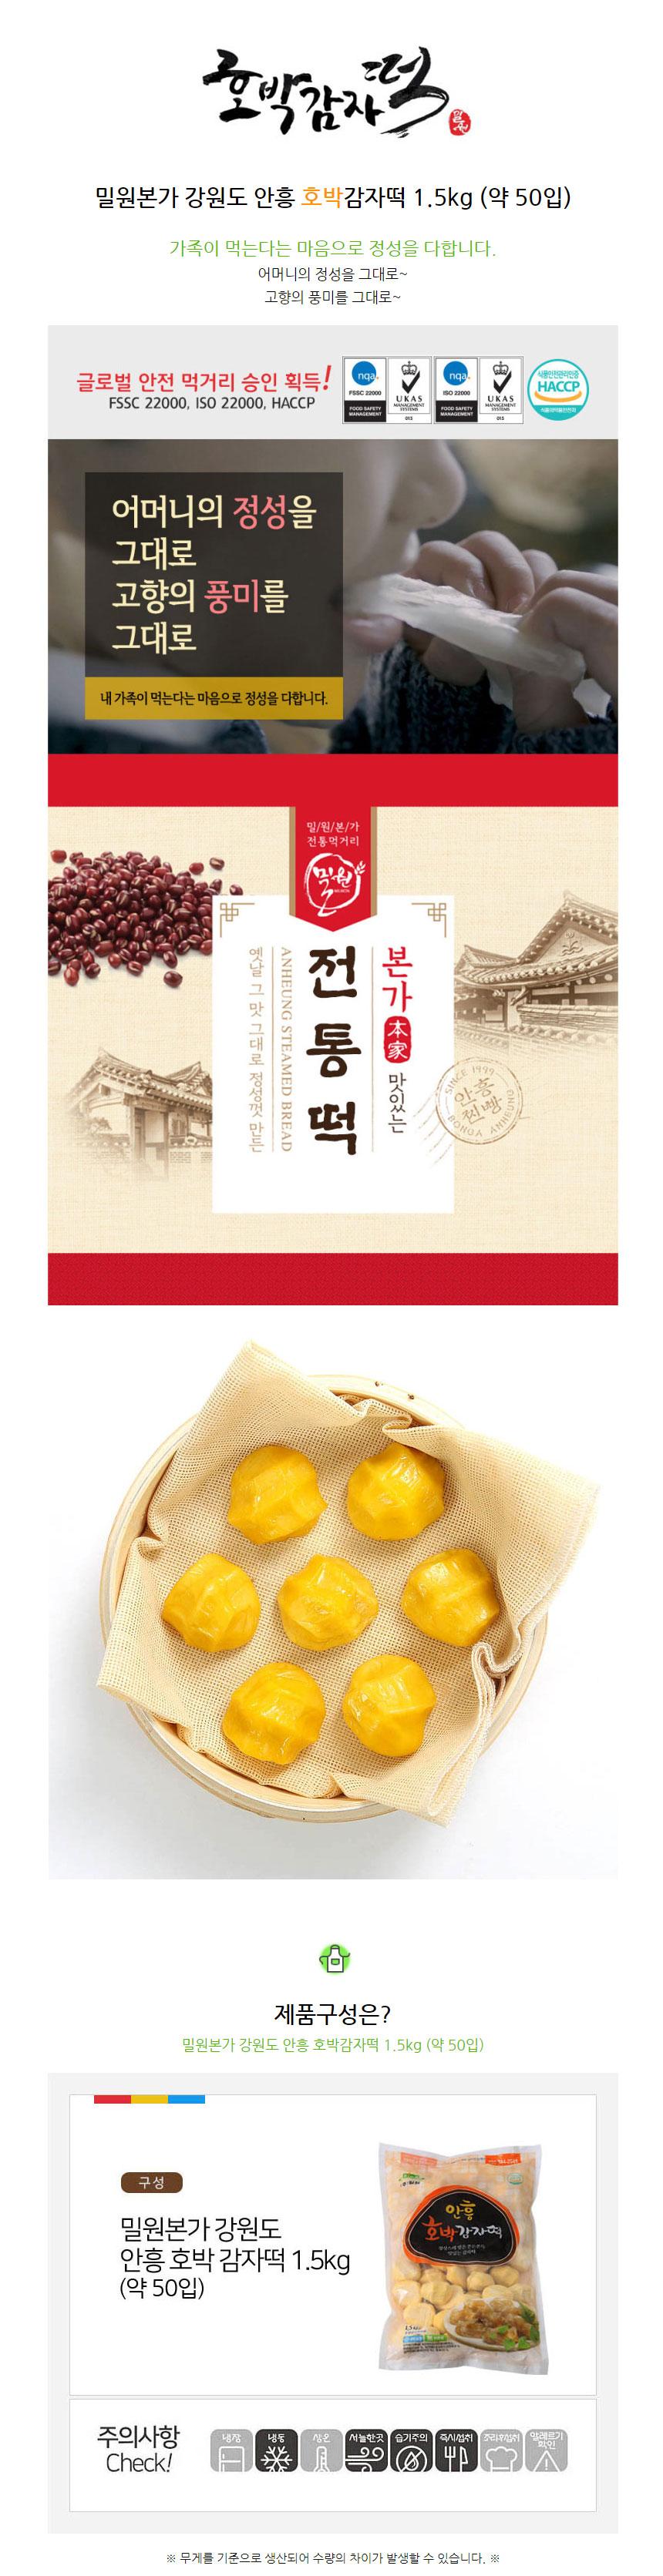 밀원본가 안흥찐빵 호박감자떡 직판 밀원본가 강원도 안흥 감자떡 호박